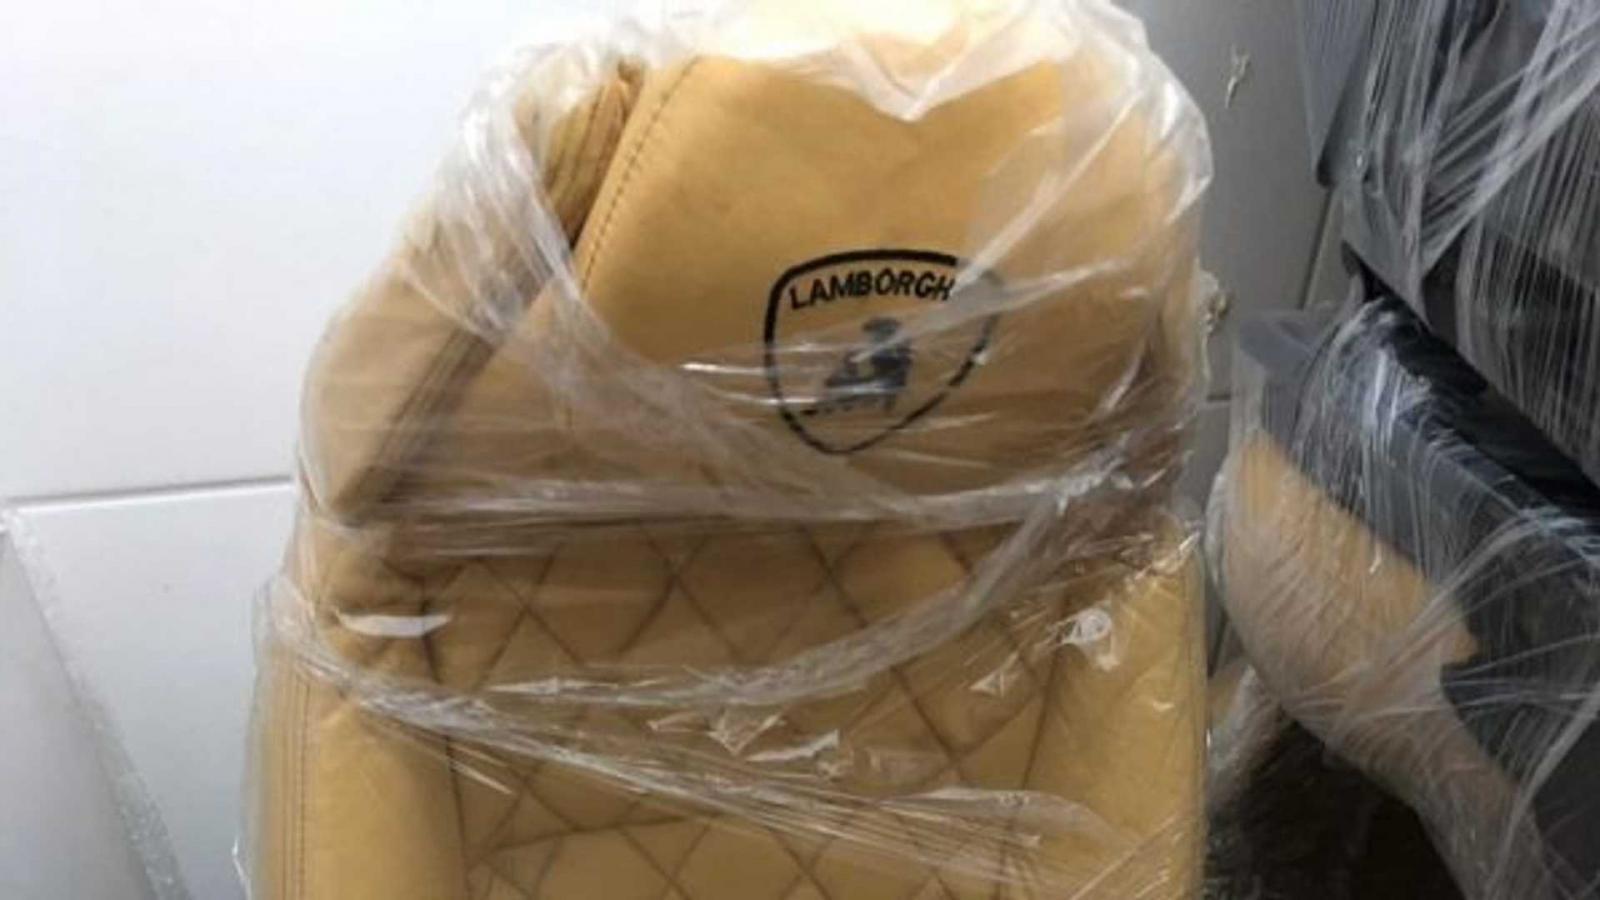 Đây là ghế dành cho xe Lamborghini giả